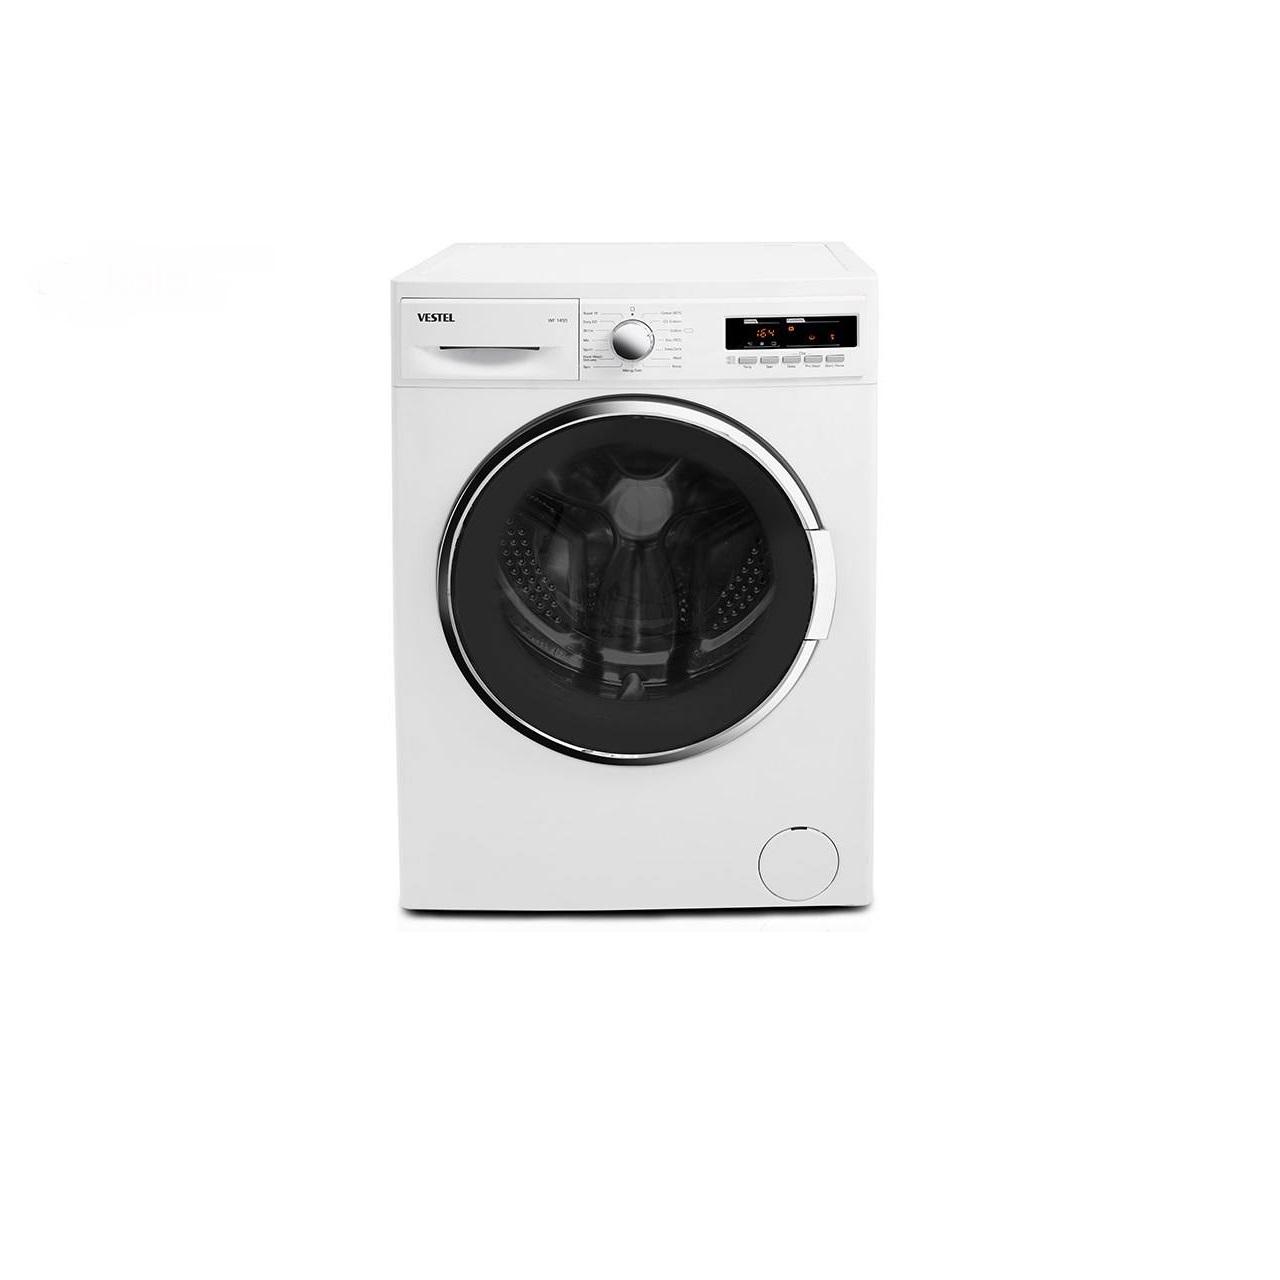 ماشین لباسشویی وستل مدل WF1455 ظرفیت 8 کیلوگرم